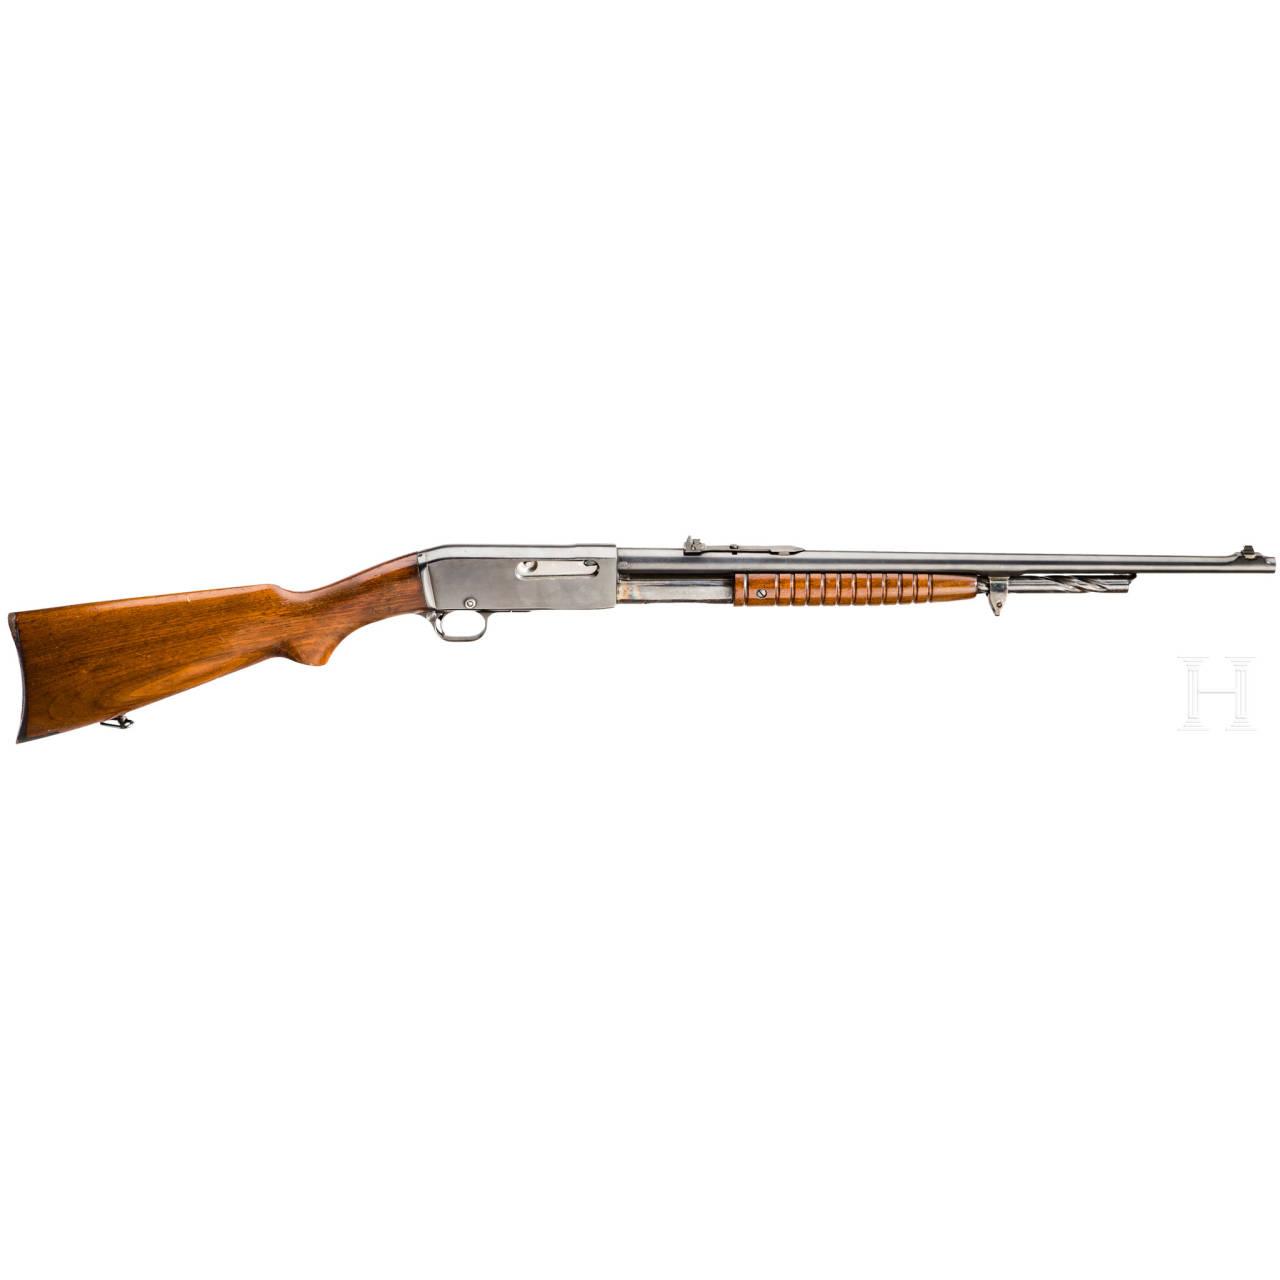 Remington Mod. 14 Slide Action